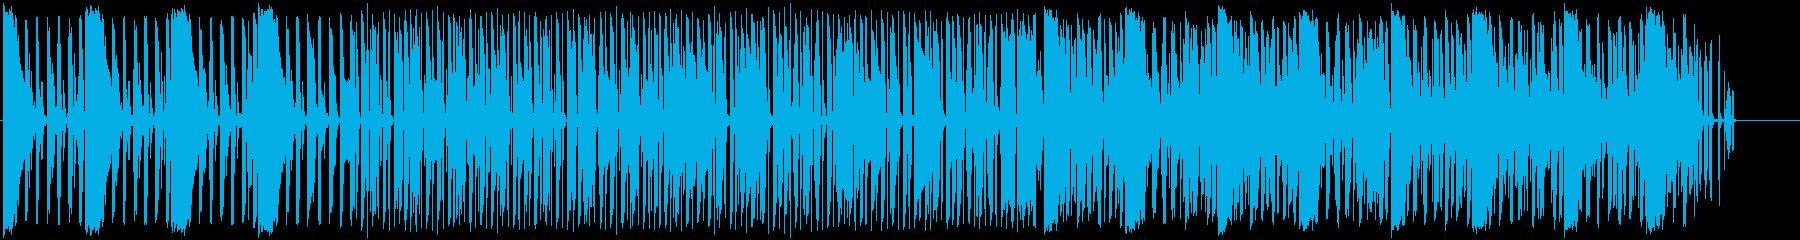 大人な勢いあるラップミュージックの再生済みの波形